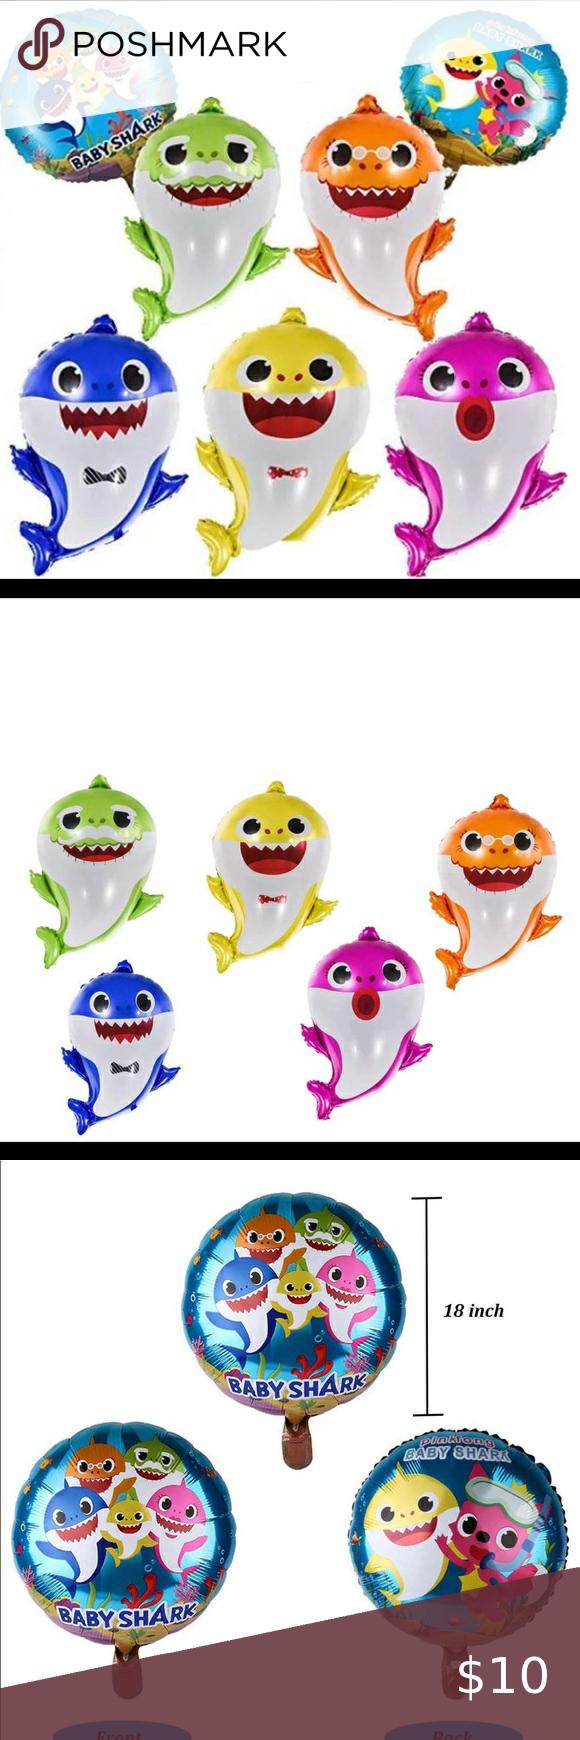 Baby shark family balloons 7pcs New. Baby shark family ...